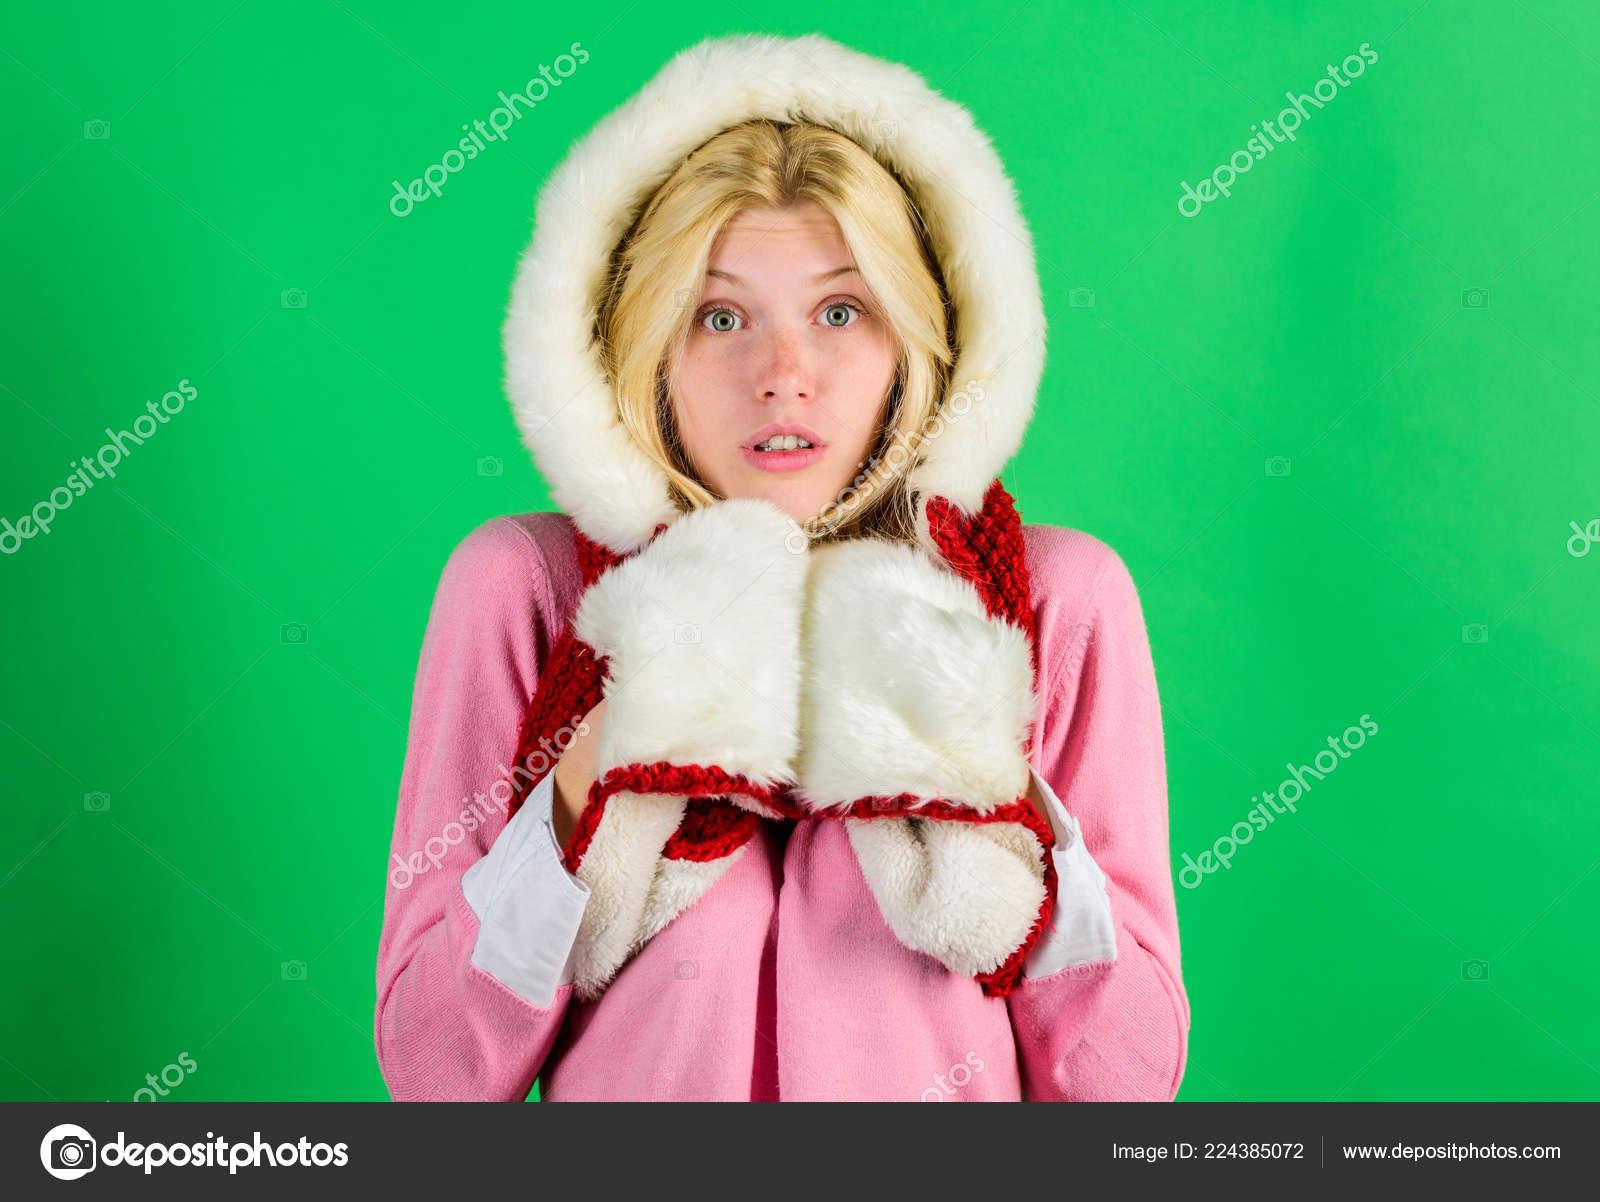 Давайте залишатися теплою Хутряний одяг. Жінка емоційний обличчя в теплих  пухнастий капот себе. Дівчина розігрів носити хутро капюшон на зеленому тлі. abe6263c95169